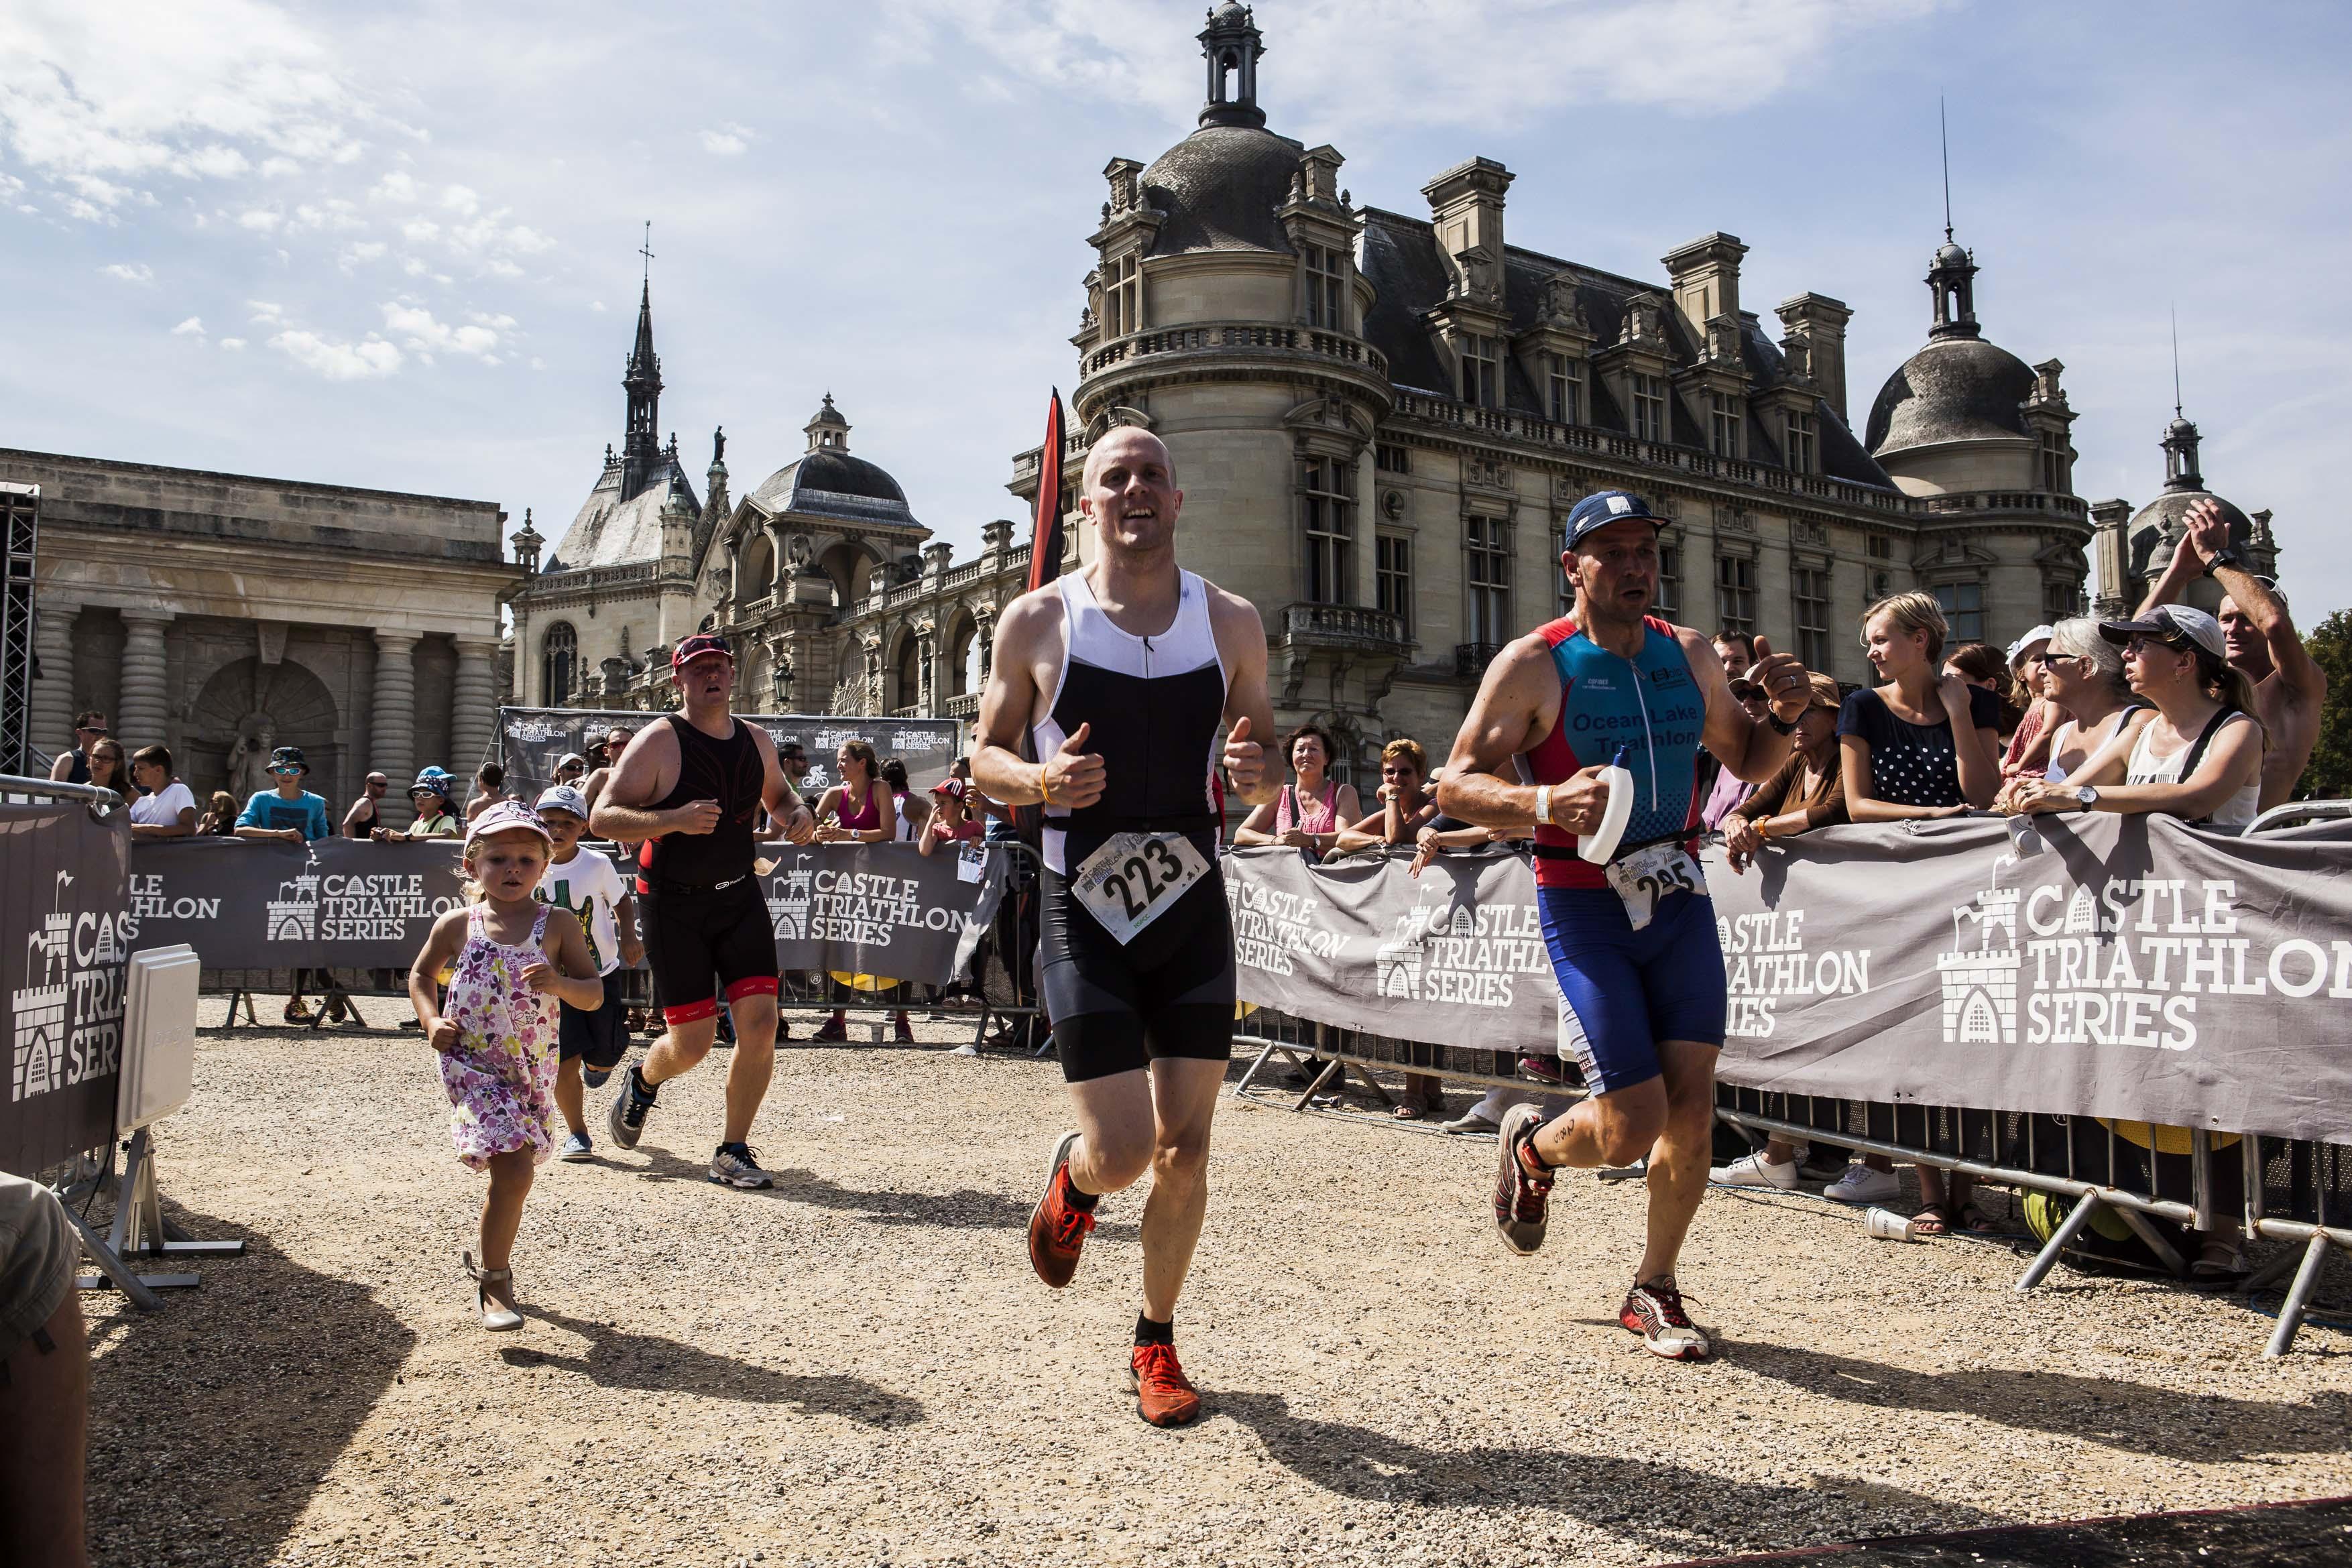 La 7ème édition du Triathlon de Chantilly aura lieu les samedi 27 et dimanche 28 août 2016.